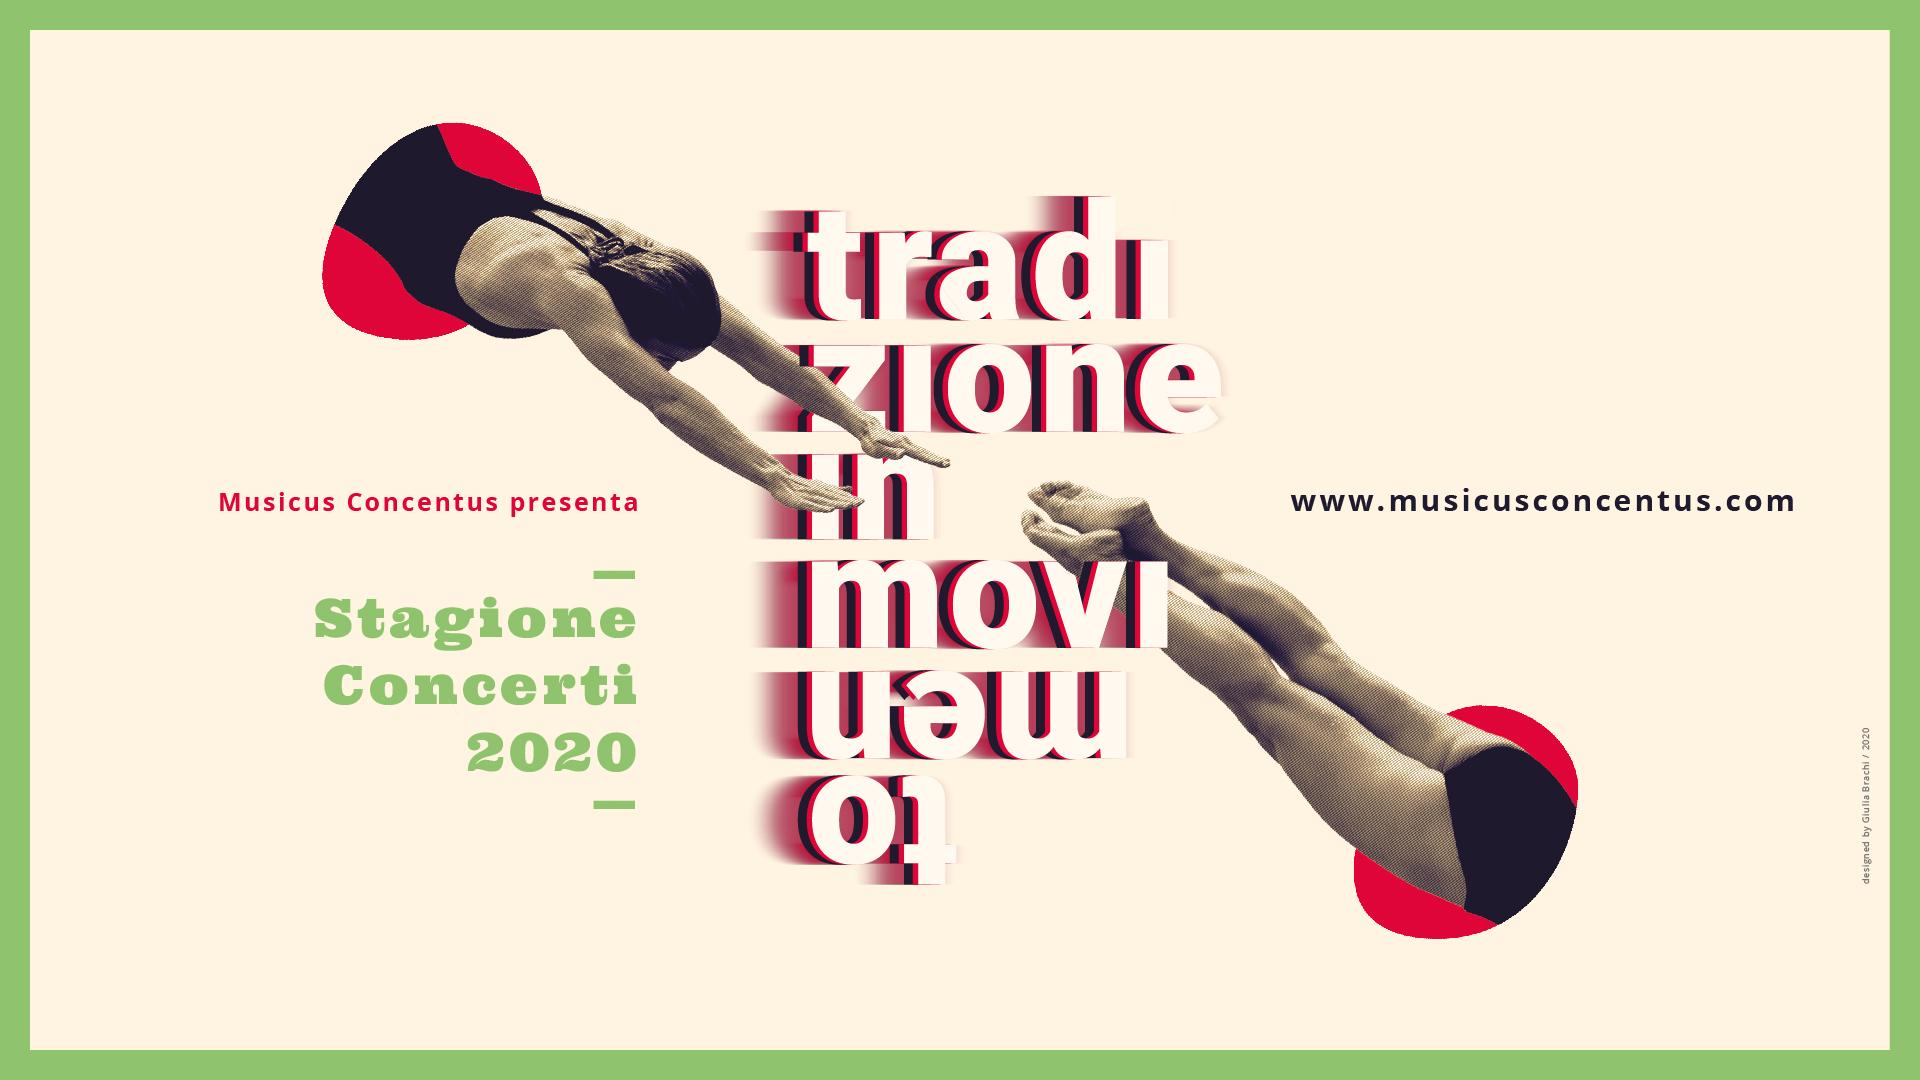 immagine progetto 'Stagione concertistica Tradizione in Movimento 2020'